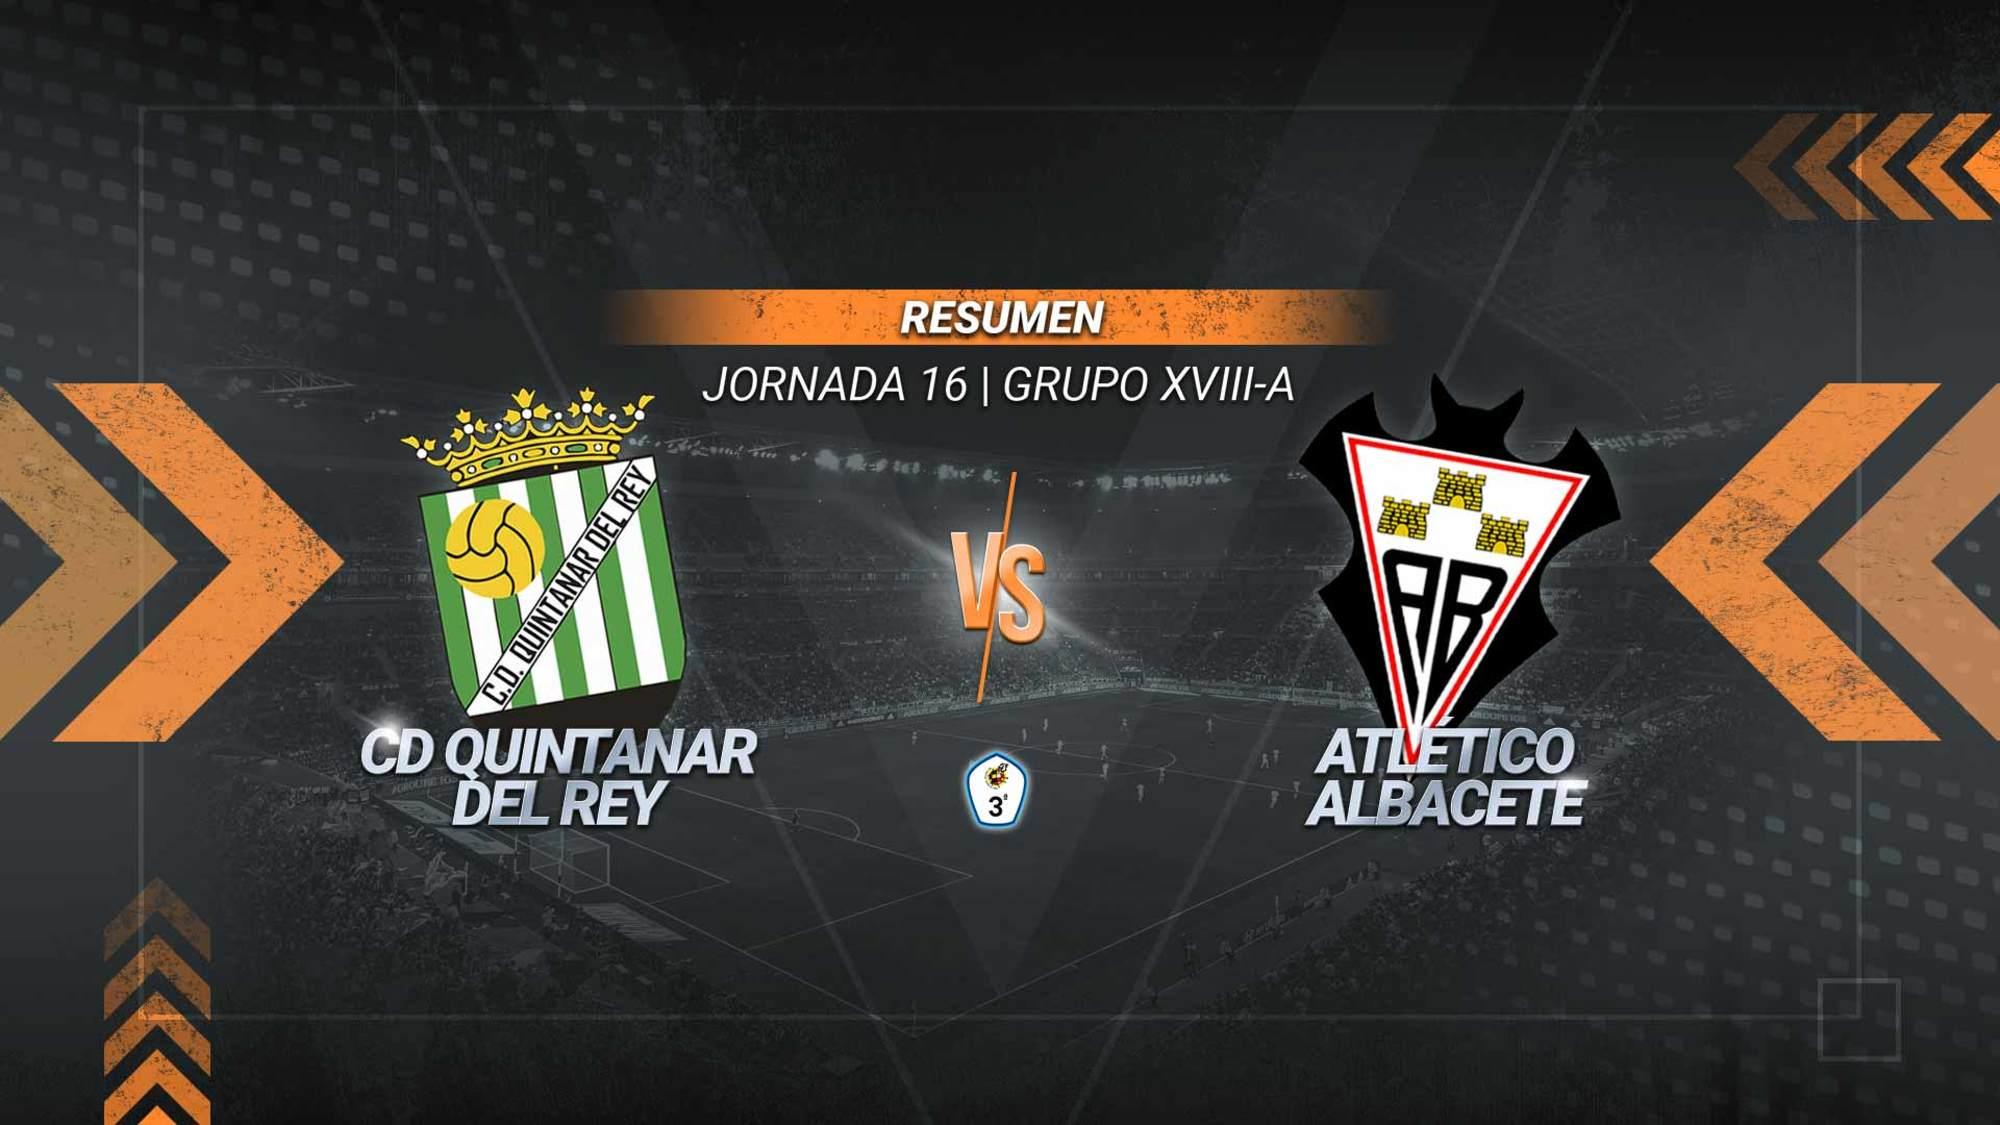 El Atlético Albacete exhibe pegada en el San Marcos y ratifica su brillante momento instalado en el liderato del subgrupo A. Dos goles de Emiliano y uno de Víctor sirven para firmar la séptima victoria en las últimas ocho jornadas del equipo de Mario Simón. Eloy marcó el tanto local.